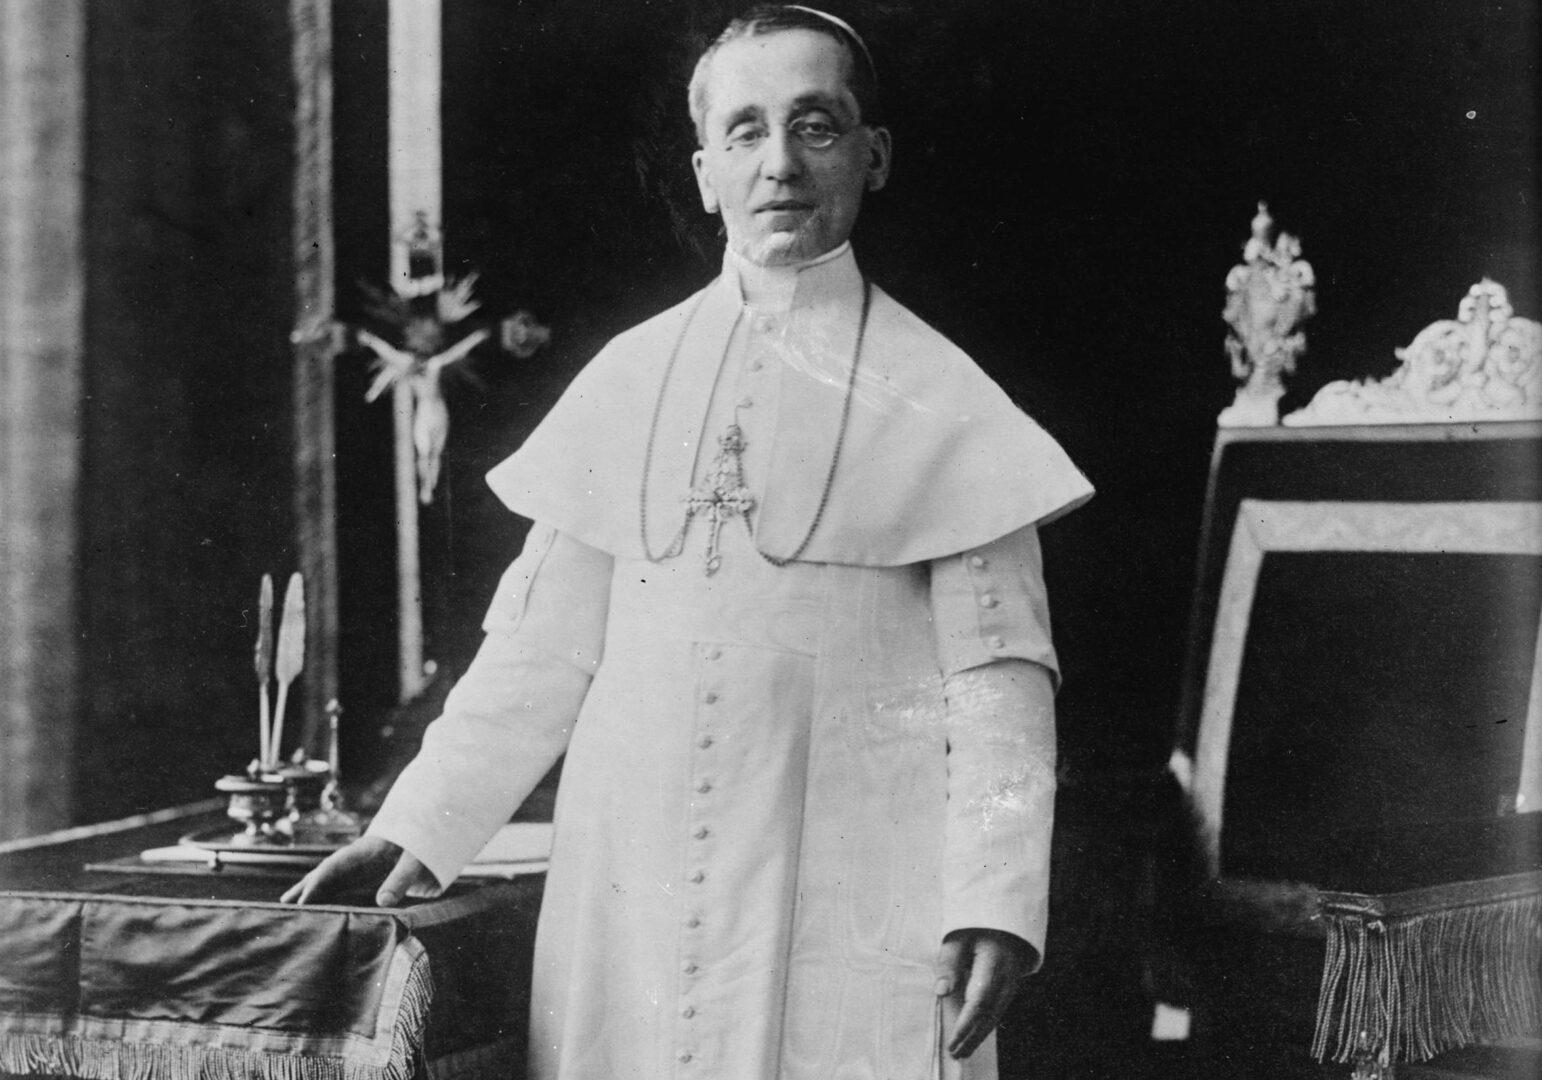 Papež Benedikt XV. si je prizadeval za svetovni mir že med prvo svetovno vojno.